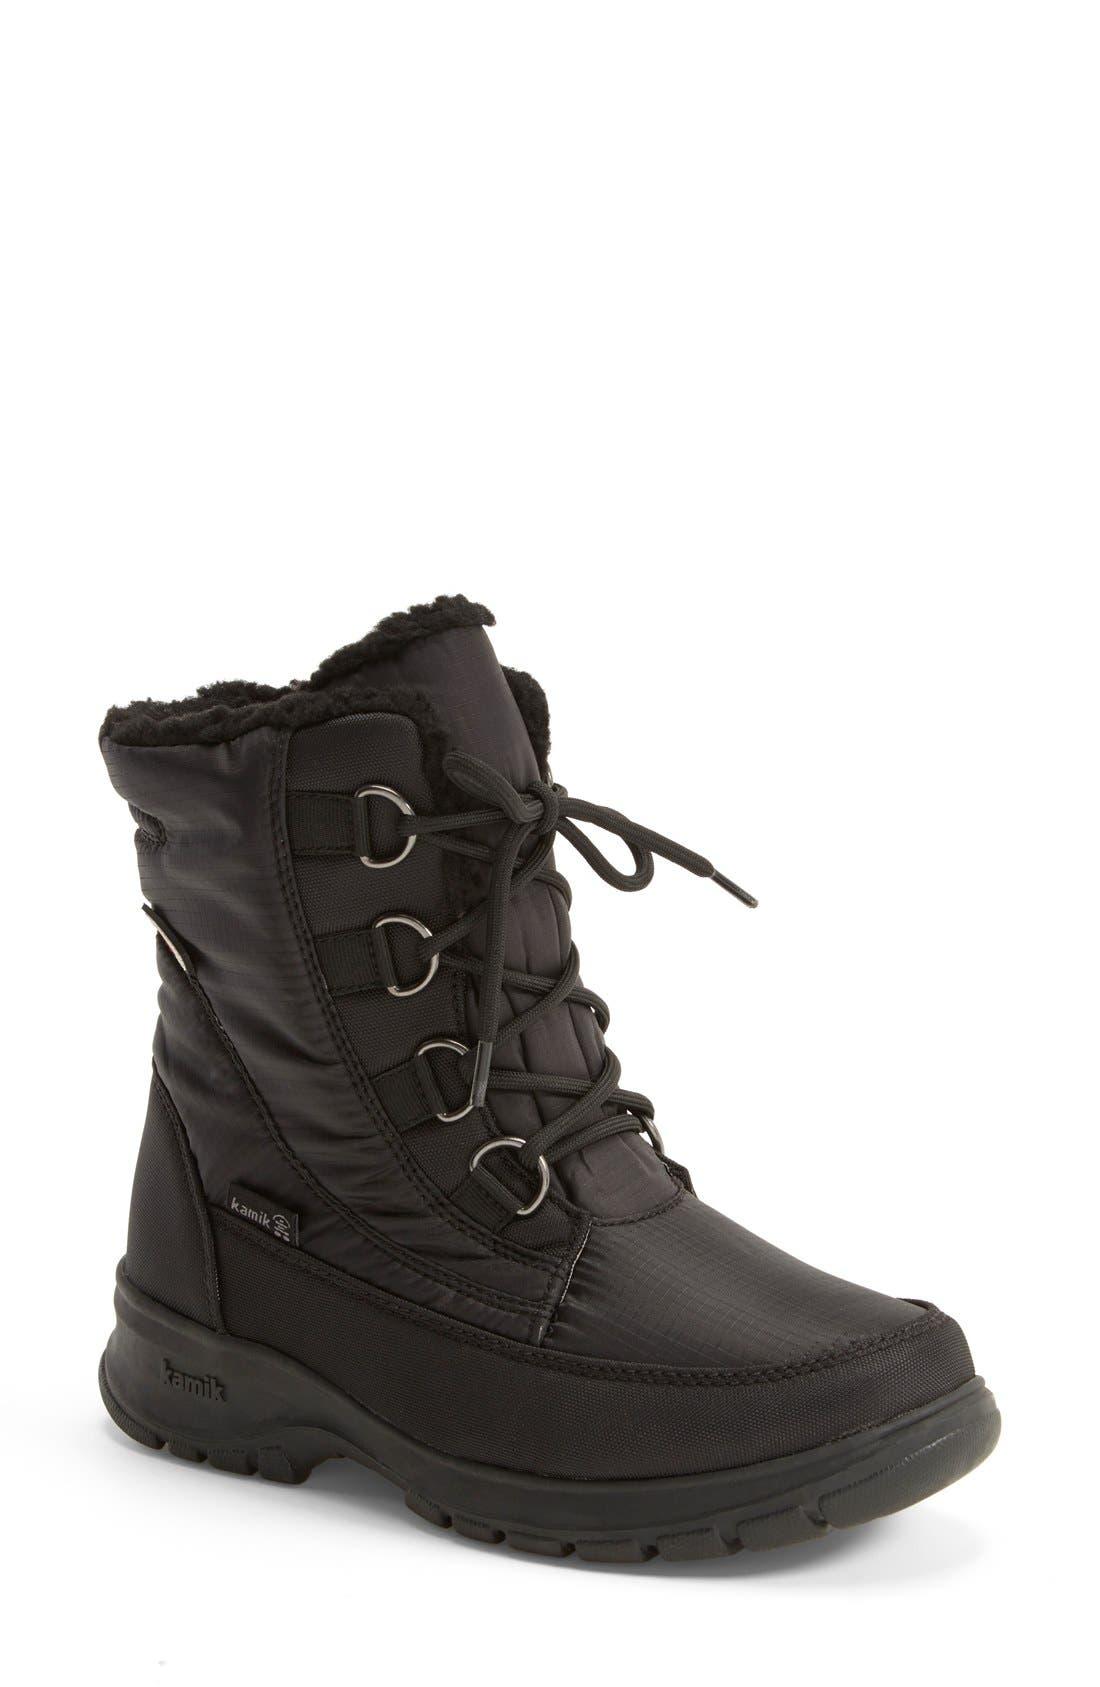 Kamik Baltimore Waterproof Boot, Black